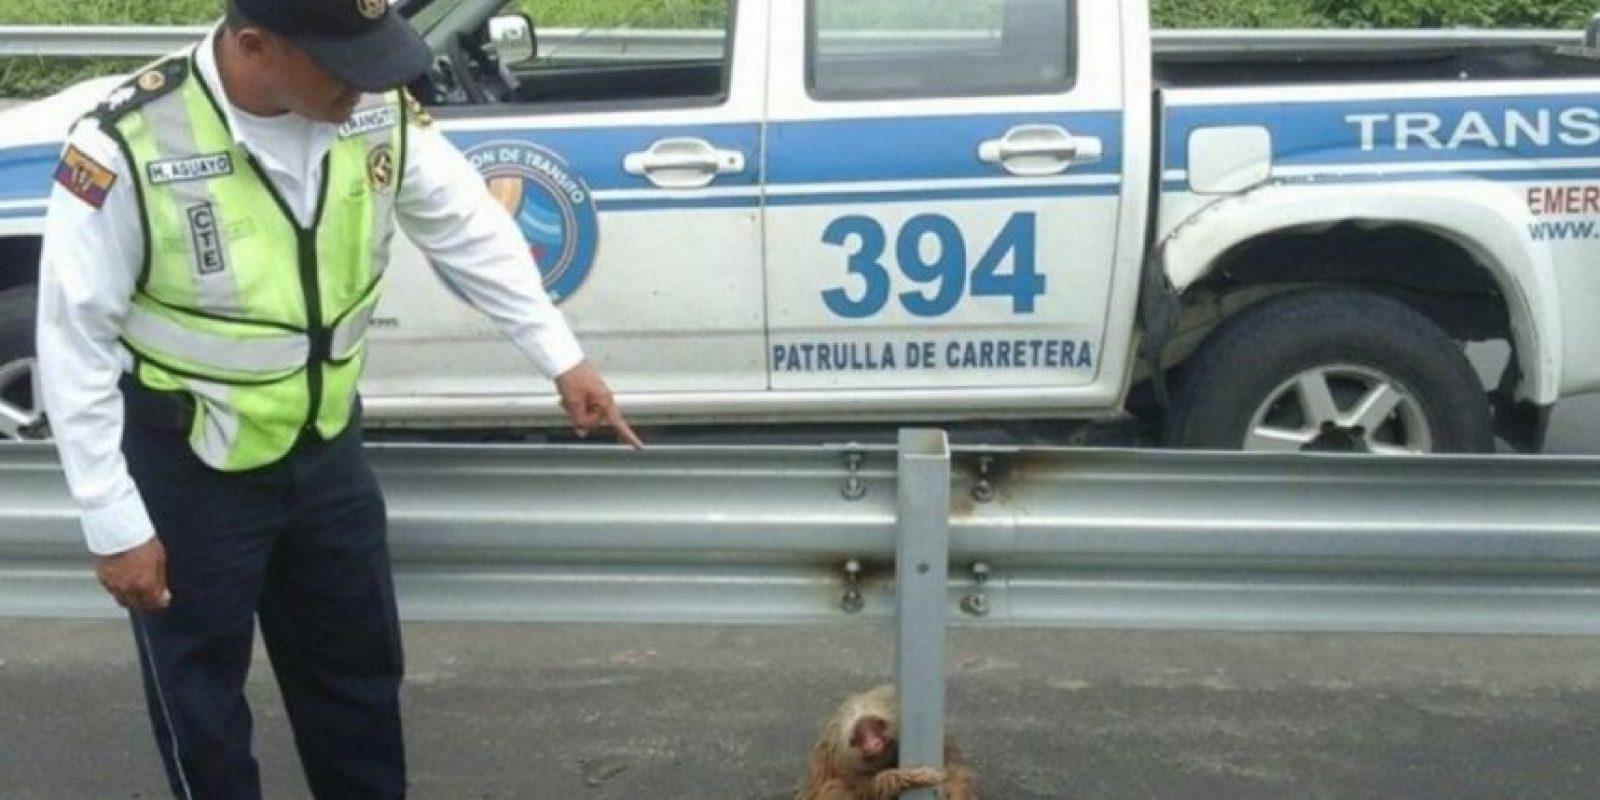 Hasta que llegaron agentes de la Comisión de Tránsito a brindarle auxilio Foto:facebook.com/ctecuador